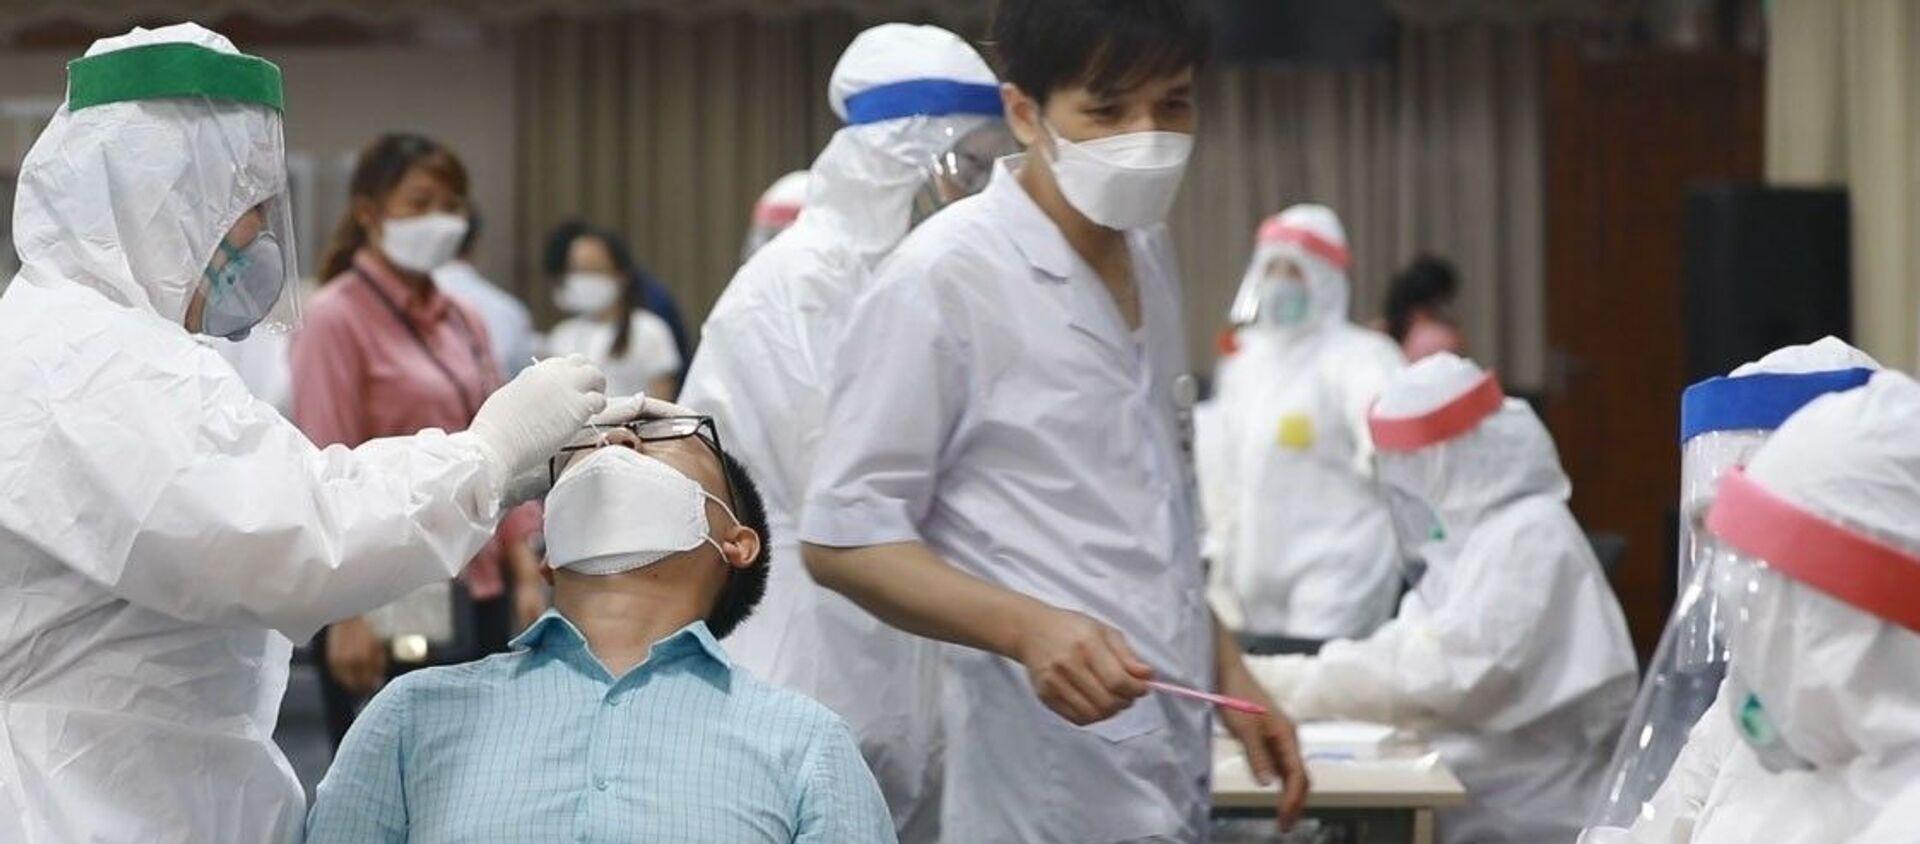 Lực lượng y tế lấy mẫu, xét nghiệm cho công nhân Công ty TNHH Samsung Electronics Việt Nam. - Sputnik Việt Nam, 1920, 12.05.2021